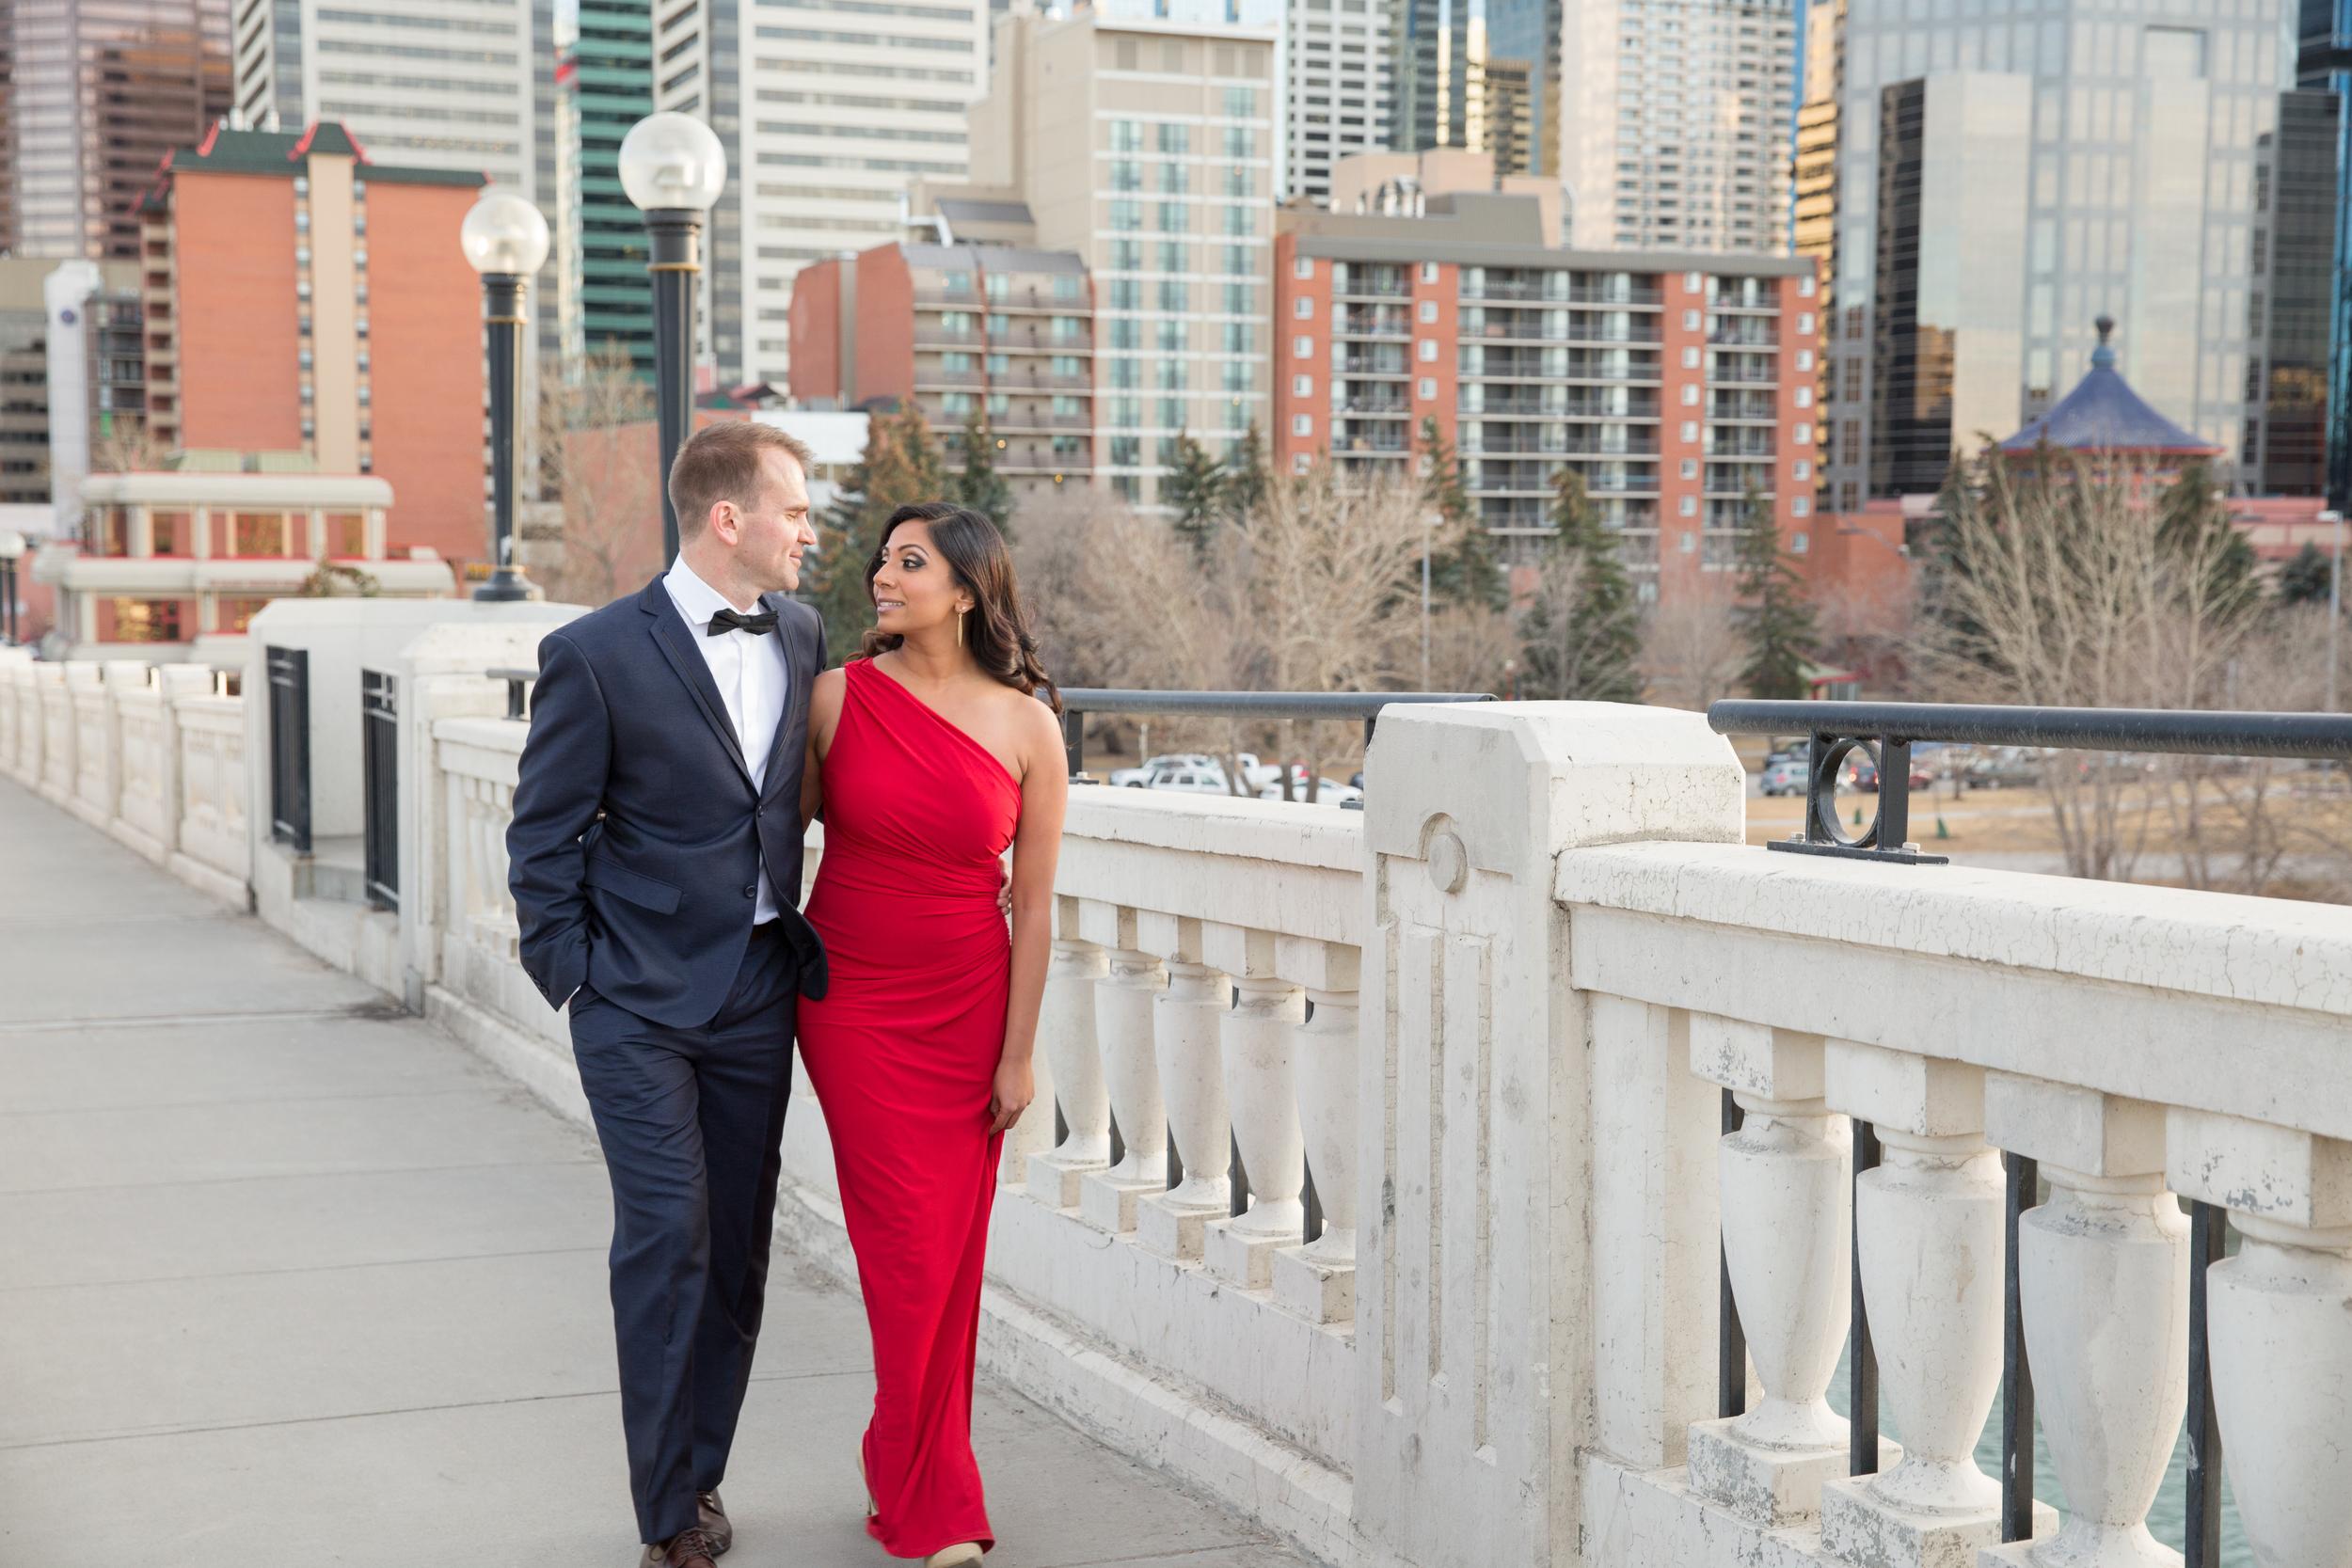 CalgaryEngagementPhotography_JananiRheal_52.jpg